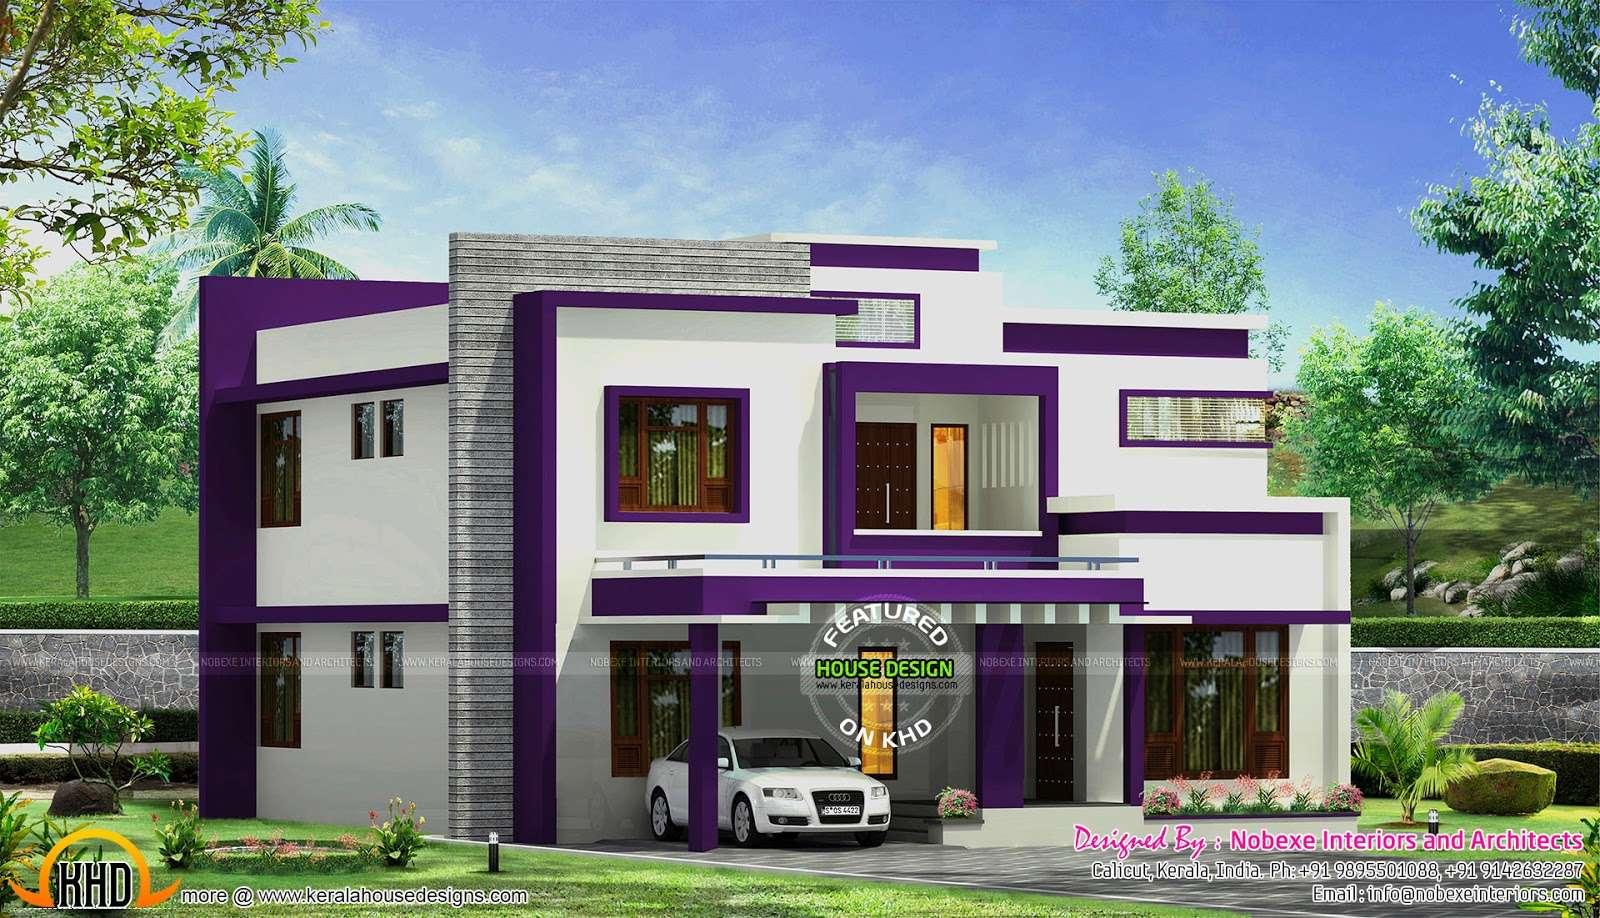 Contemporary Home Design Nobexe Interiors Kerala